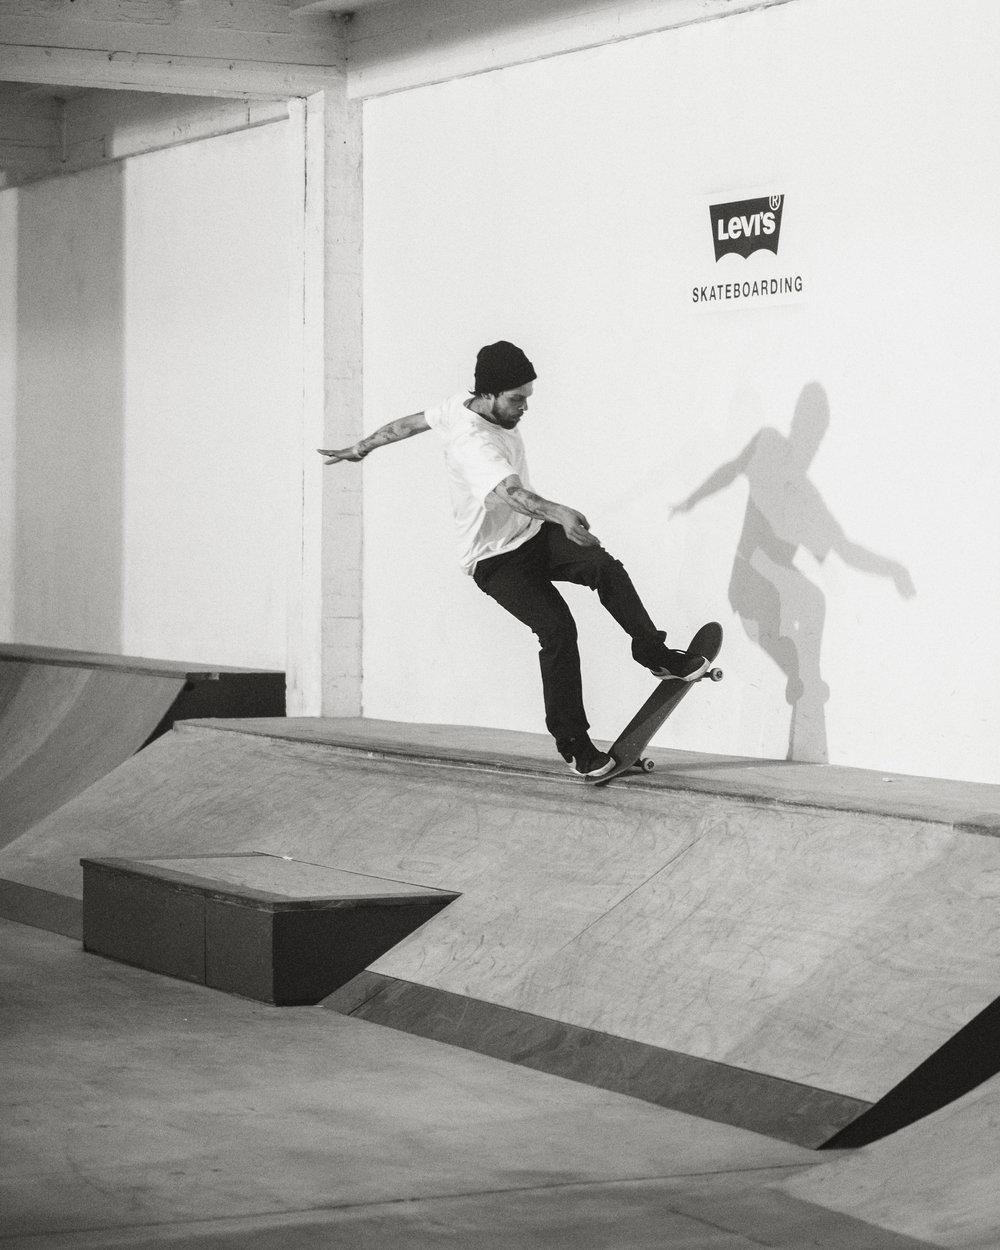 MV170506_Bruxelles_Skate_Levis_109-2.jpg